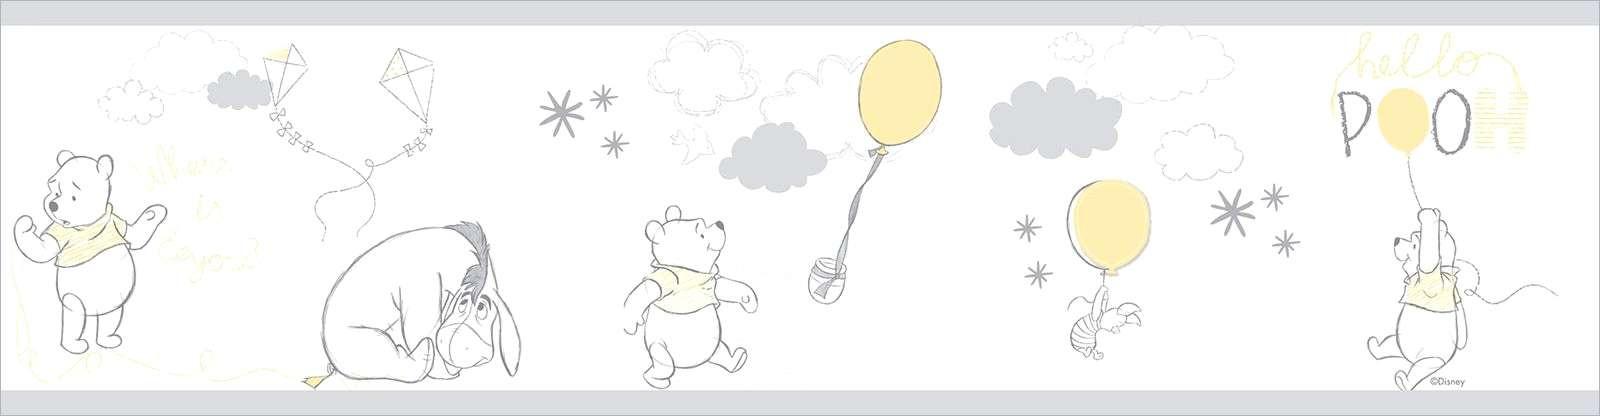 Winni Pooh Ausmalbilder Frisch Kinderzimmer Winnie Pooh Ausmalbilder Weihnachten Winnie Pooh 03 Das Bild